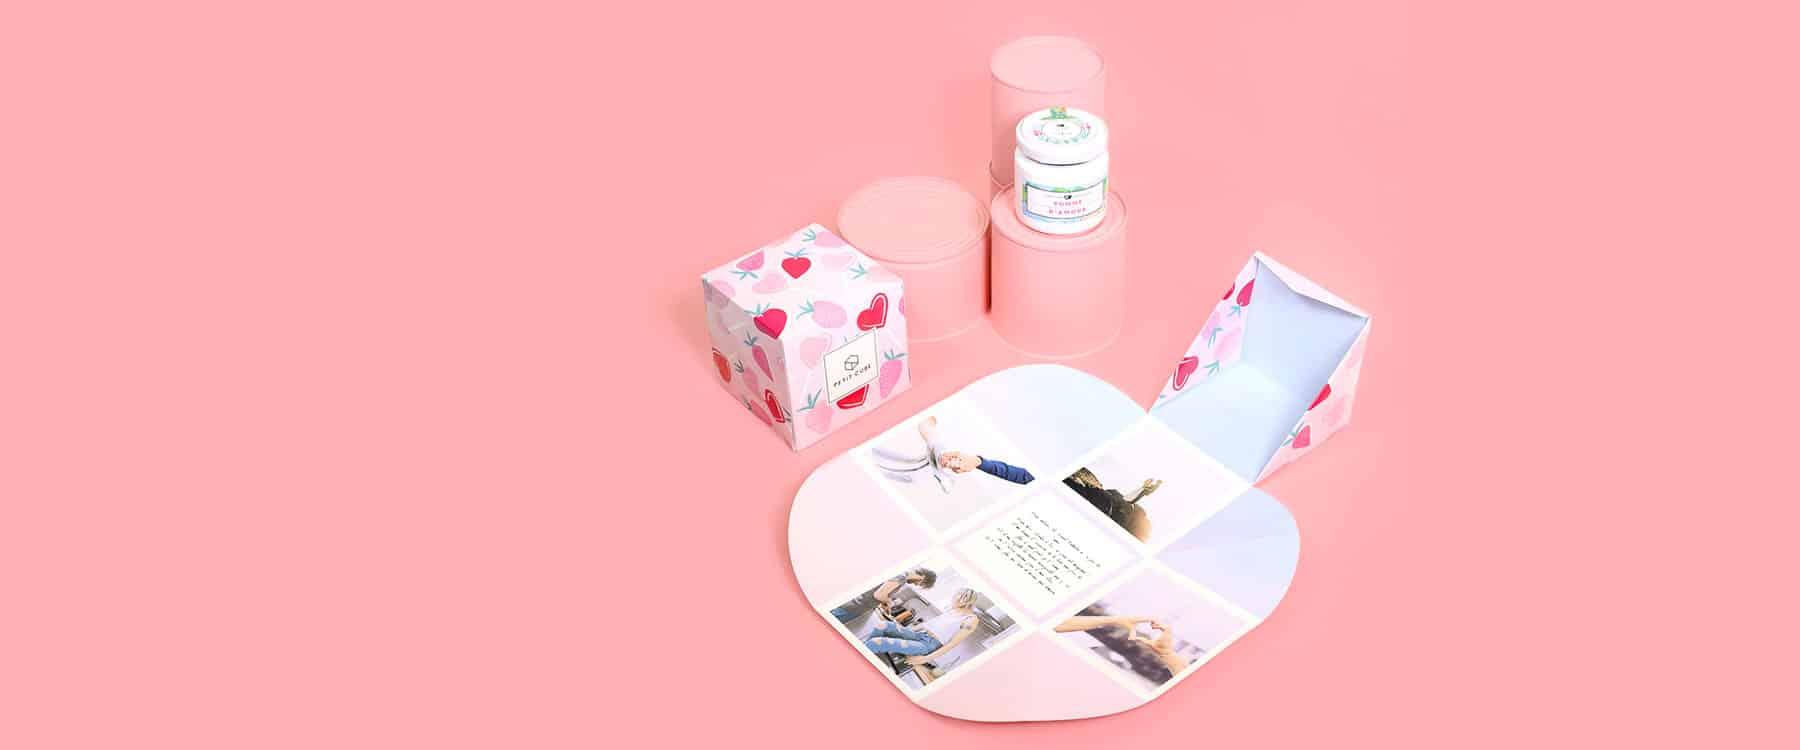 Petit Cube est un cadeau très original pour la Saint Valentin